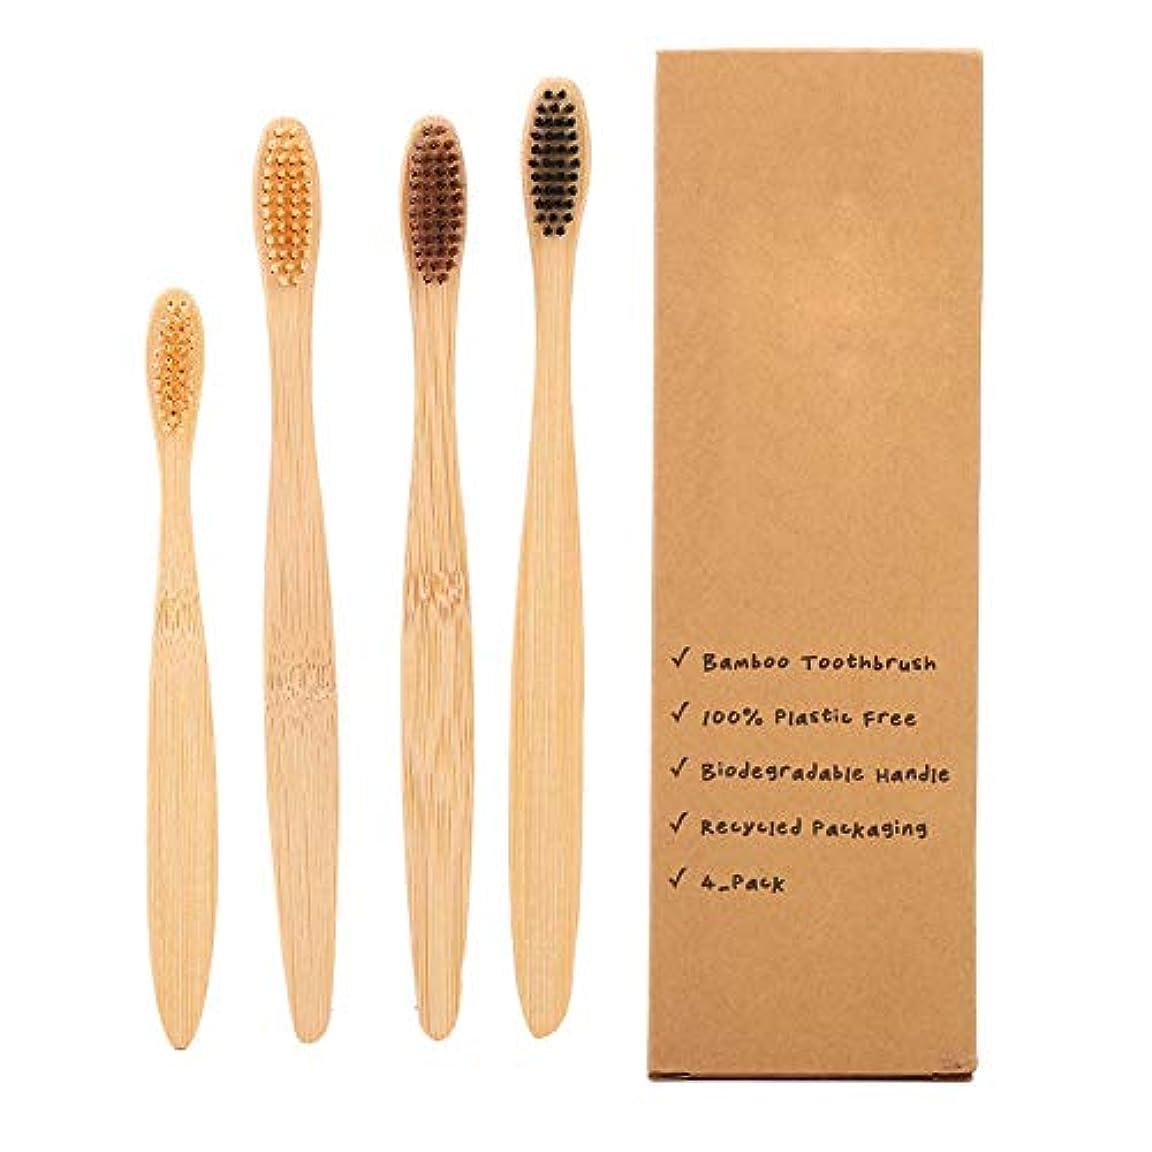 押す素朴な無柔らかい歯ブラシ、4本の柔らかい毛の木の歯ブラシディープクリーニング環境に優しい歯ブラシ歯ケアツール